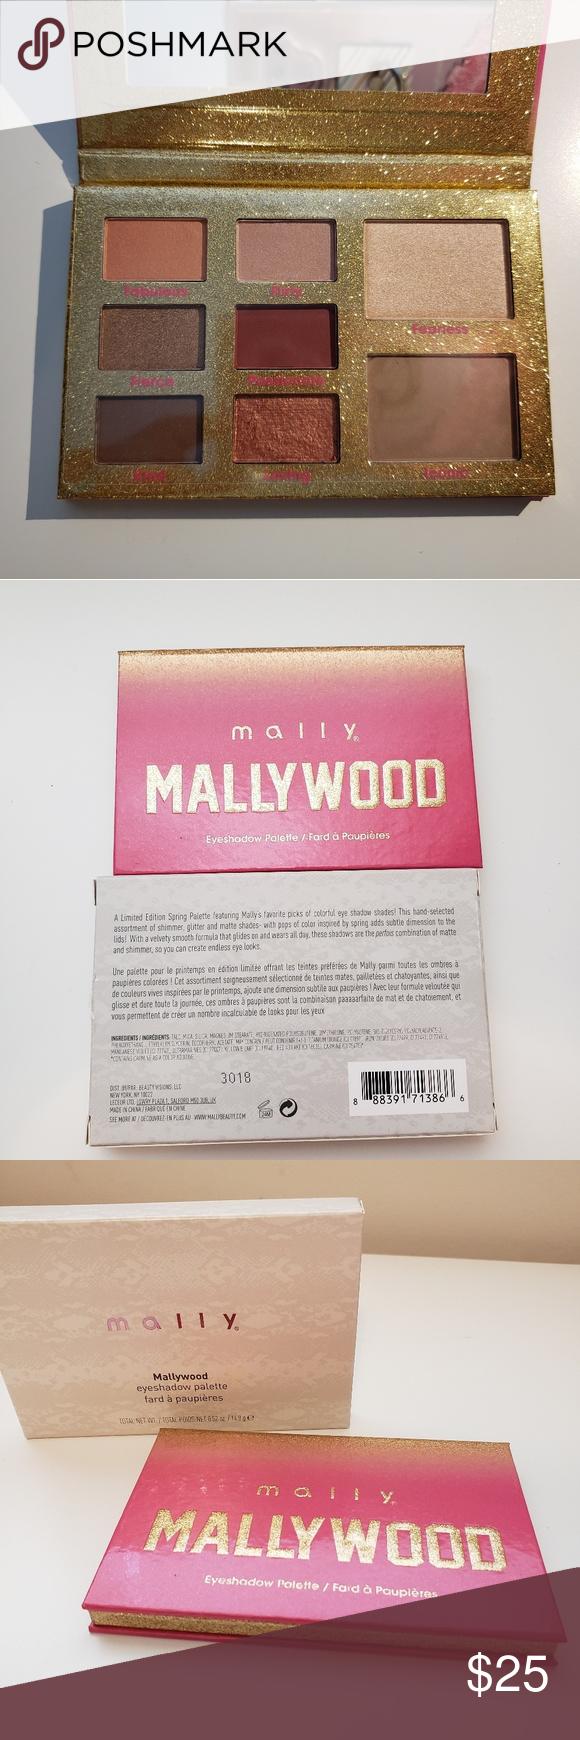 Mally Mallywood Eyeshadow Palette NWT Eyeshadow